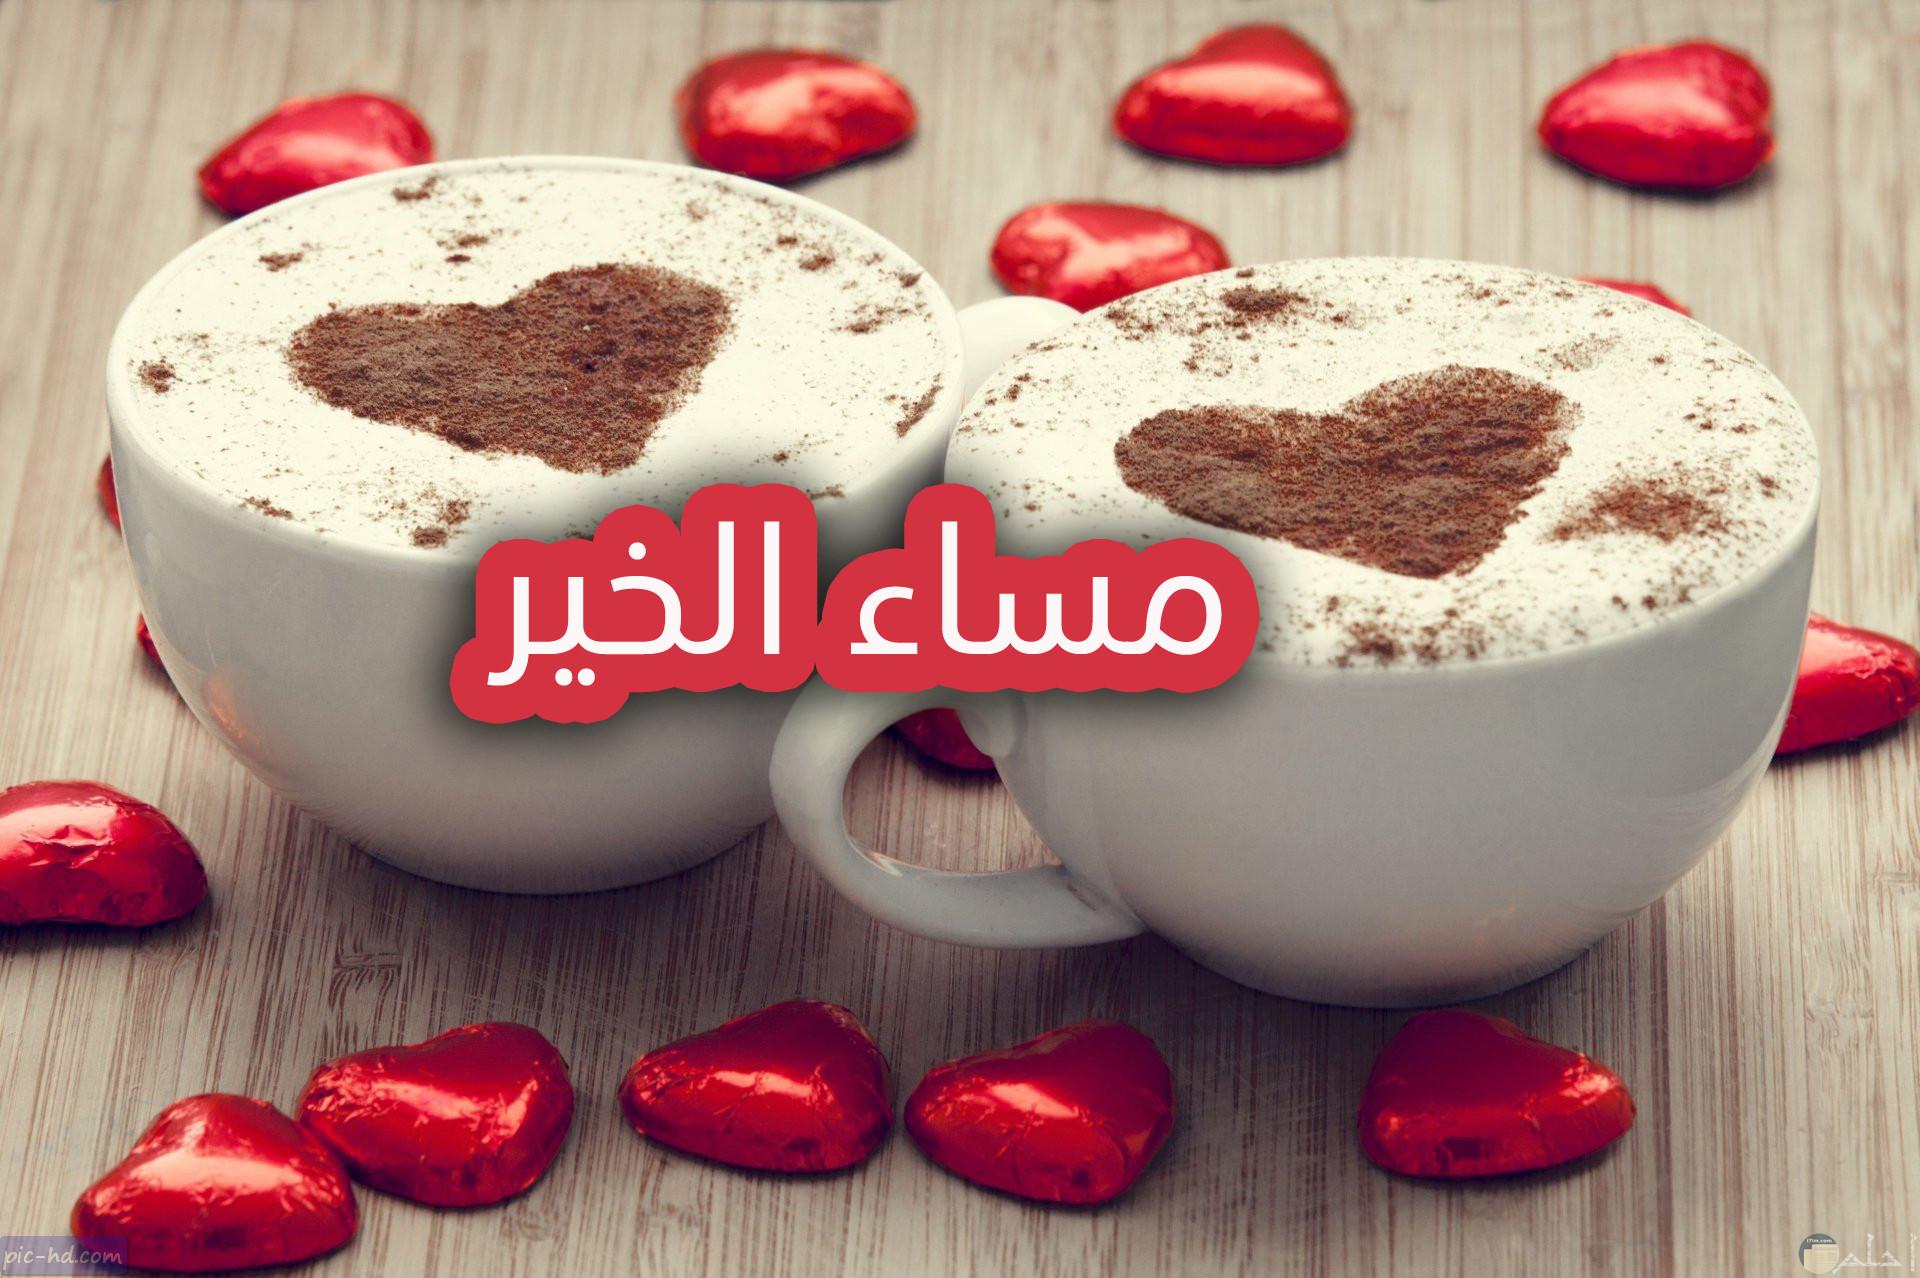 مساء القهوة